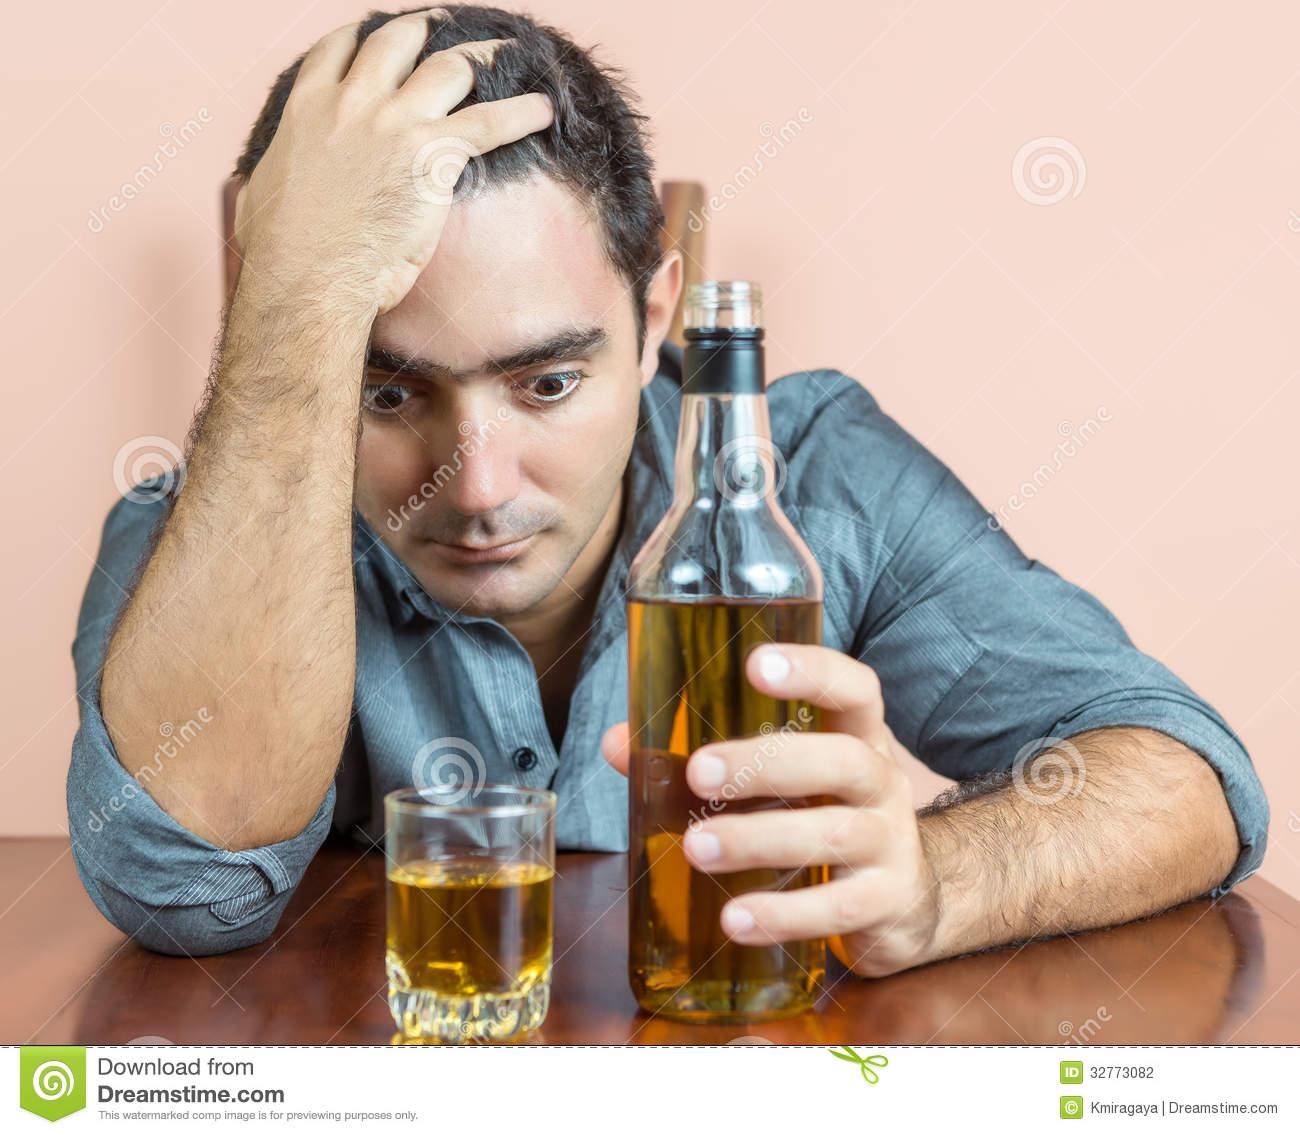 Headache When Drinking Beer